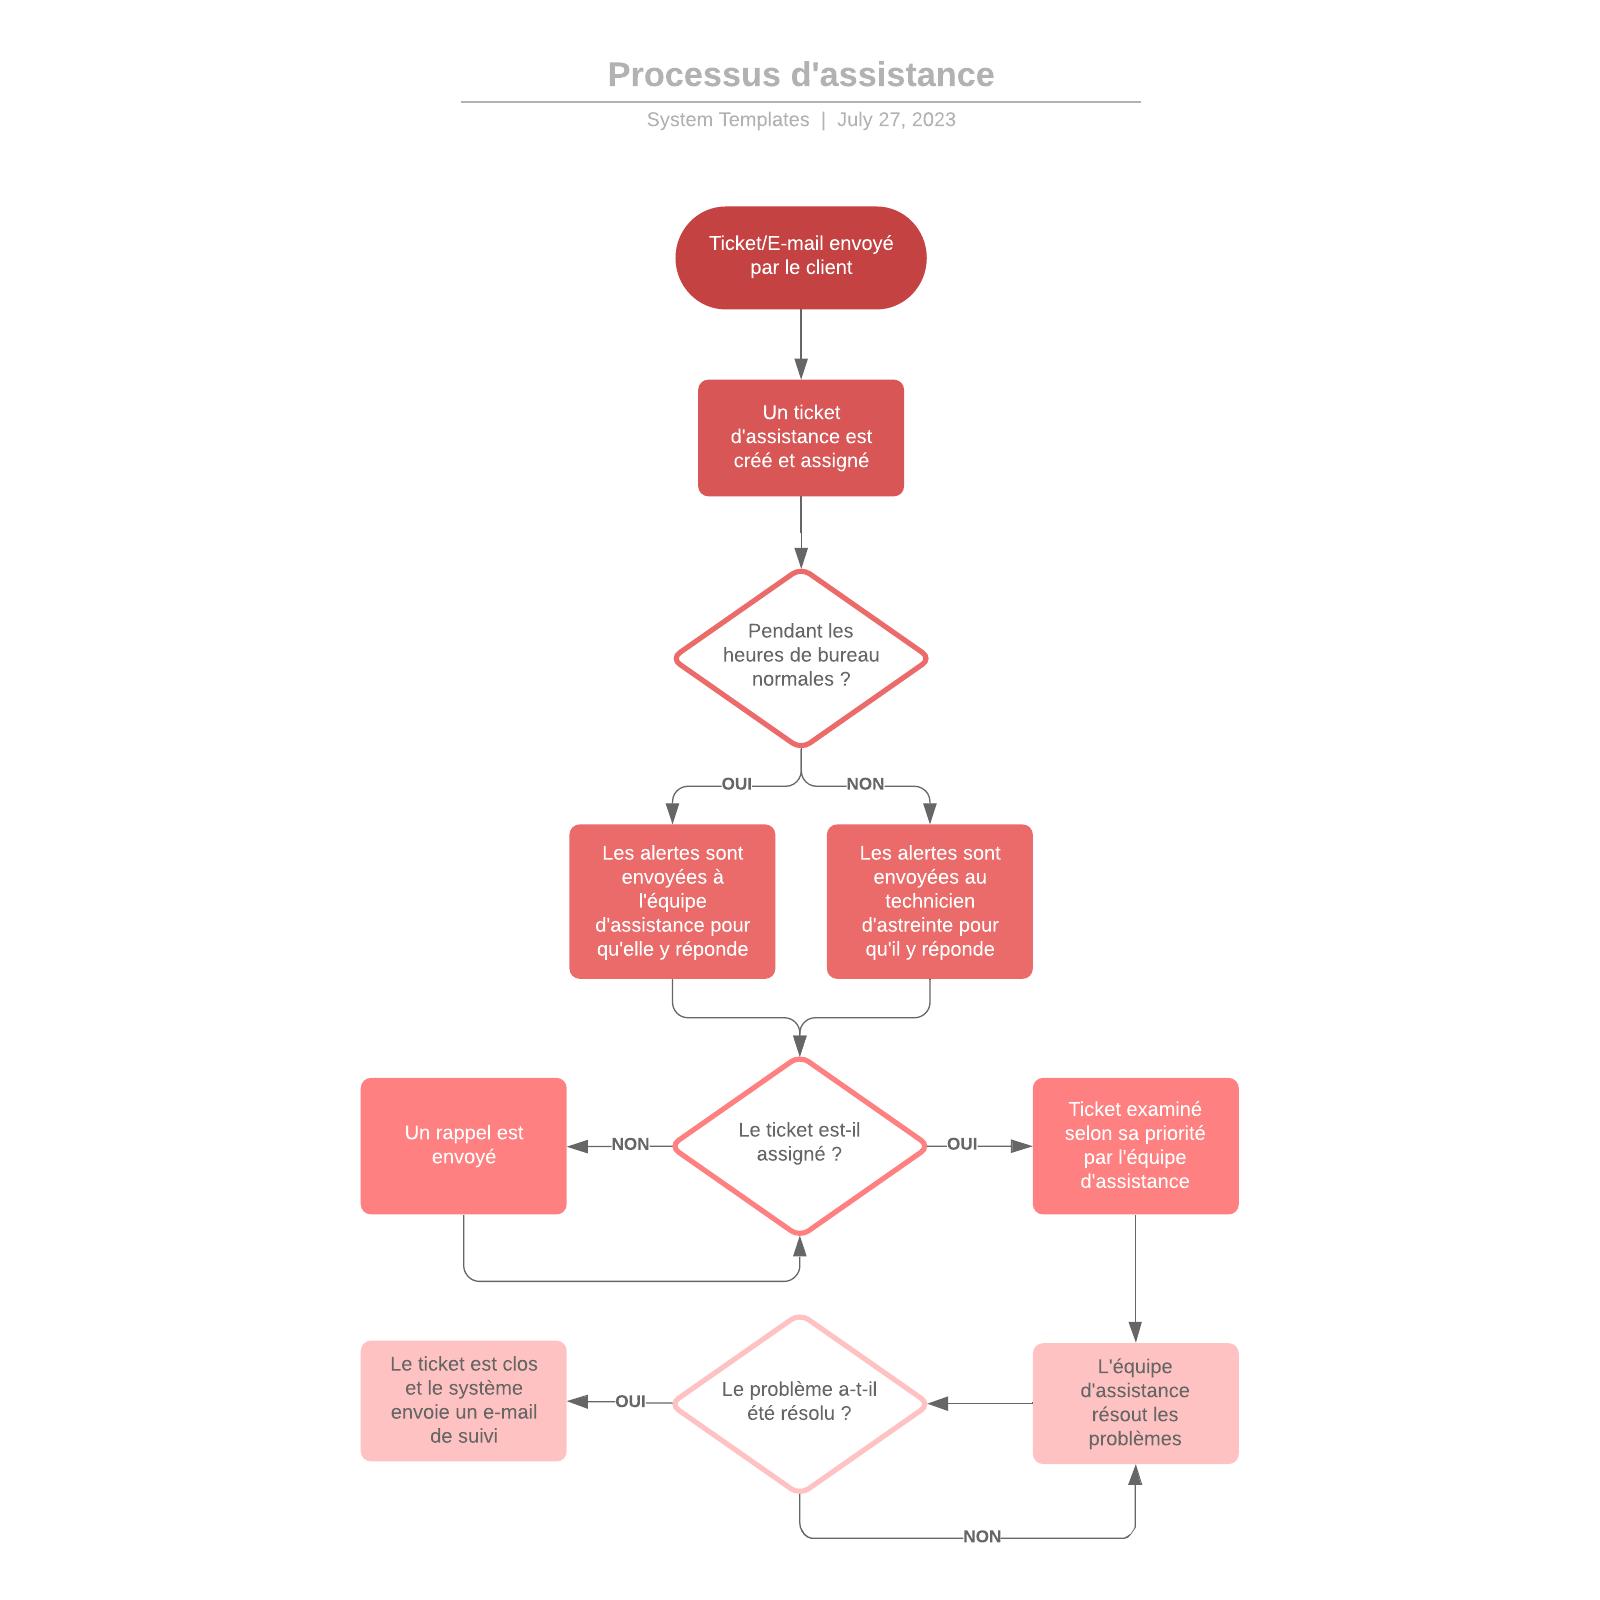 exemple de diagramme de processus d'assistance